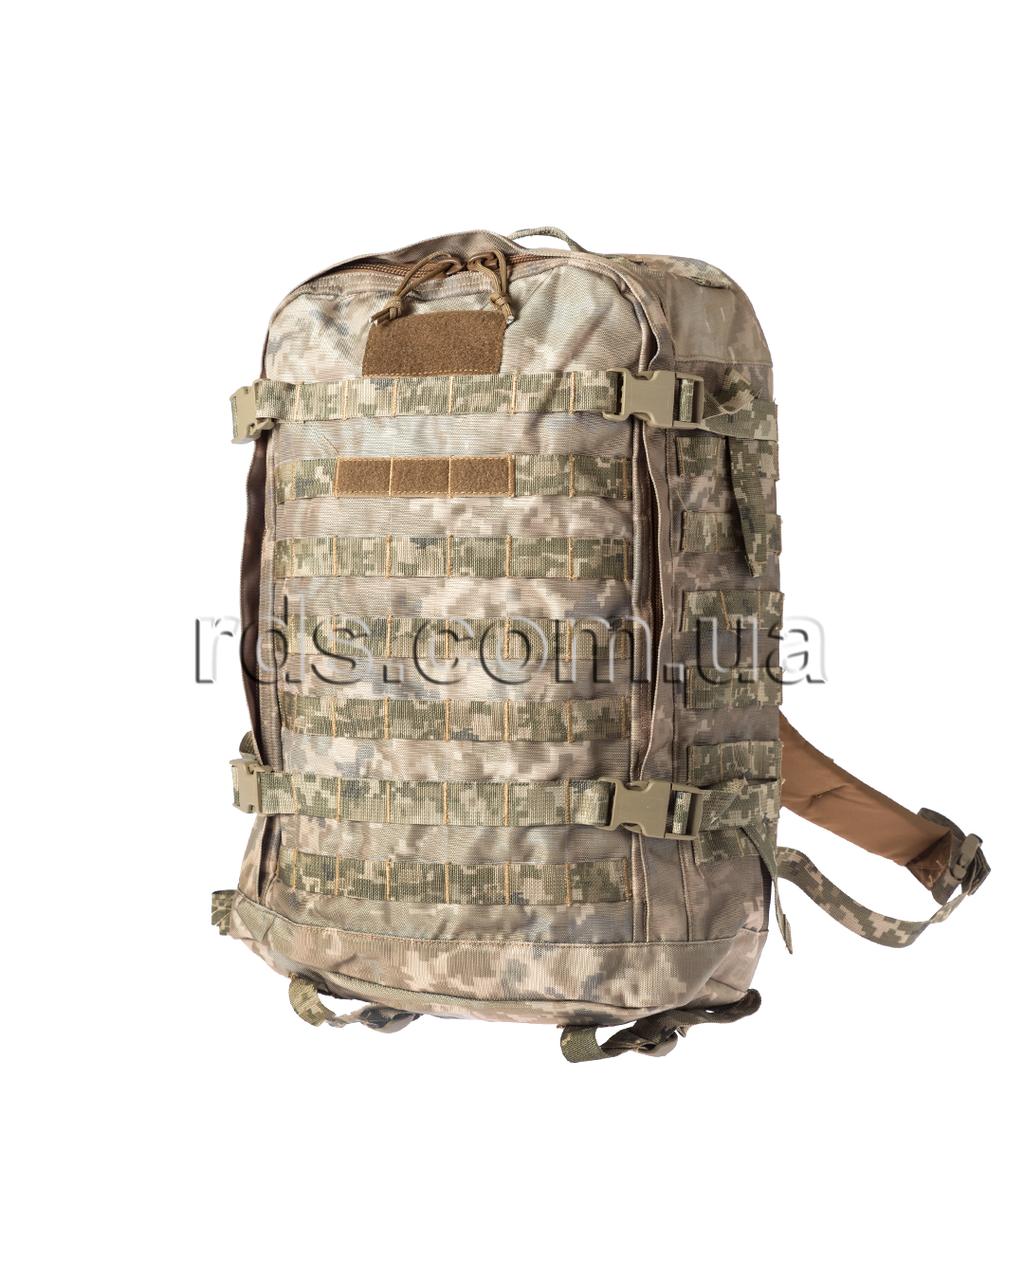 Рюкзак бойової індивідуальний Варіант 5